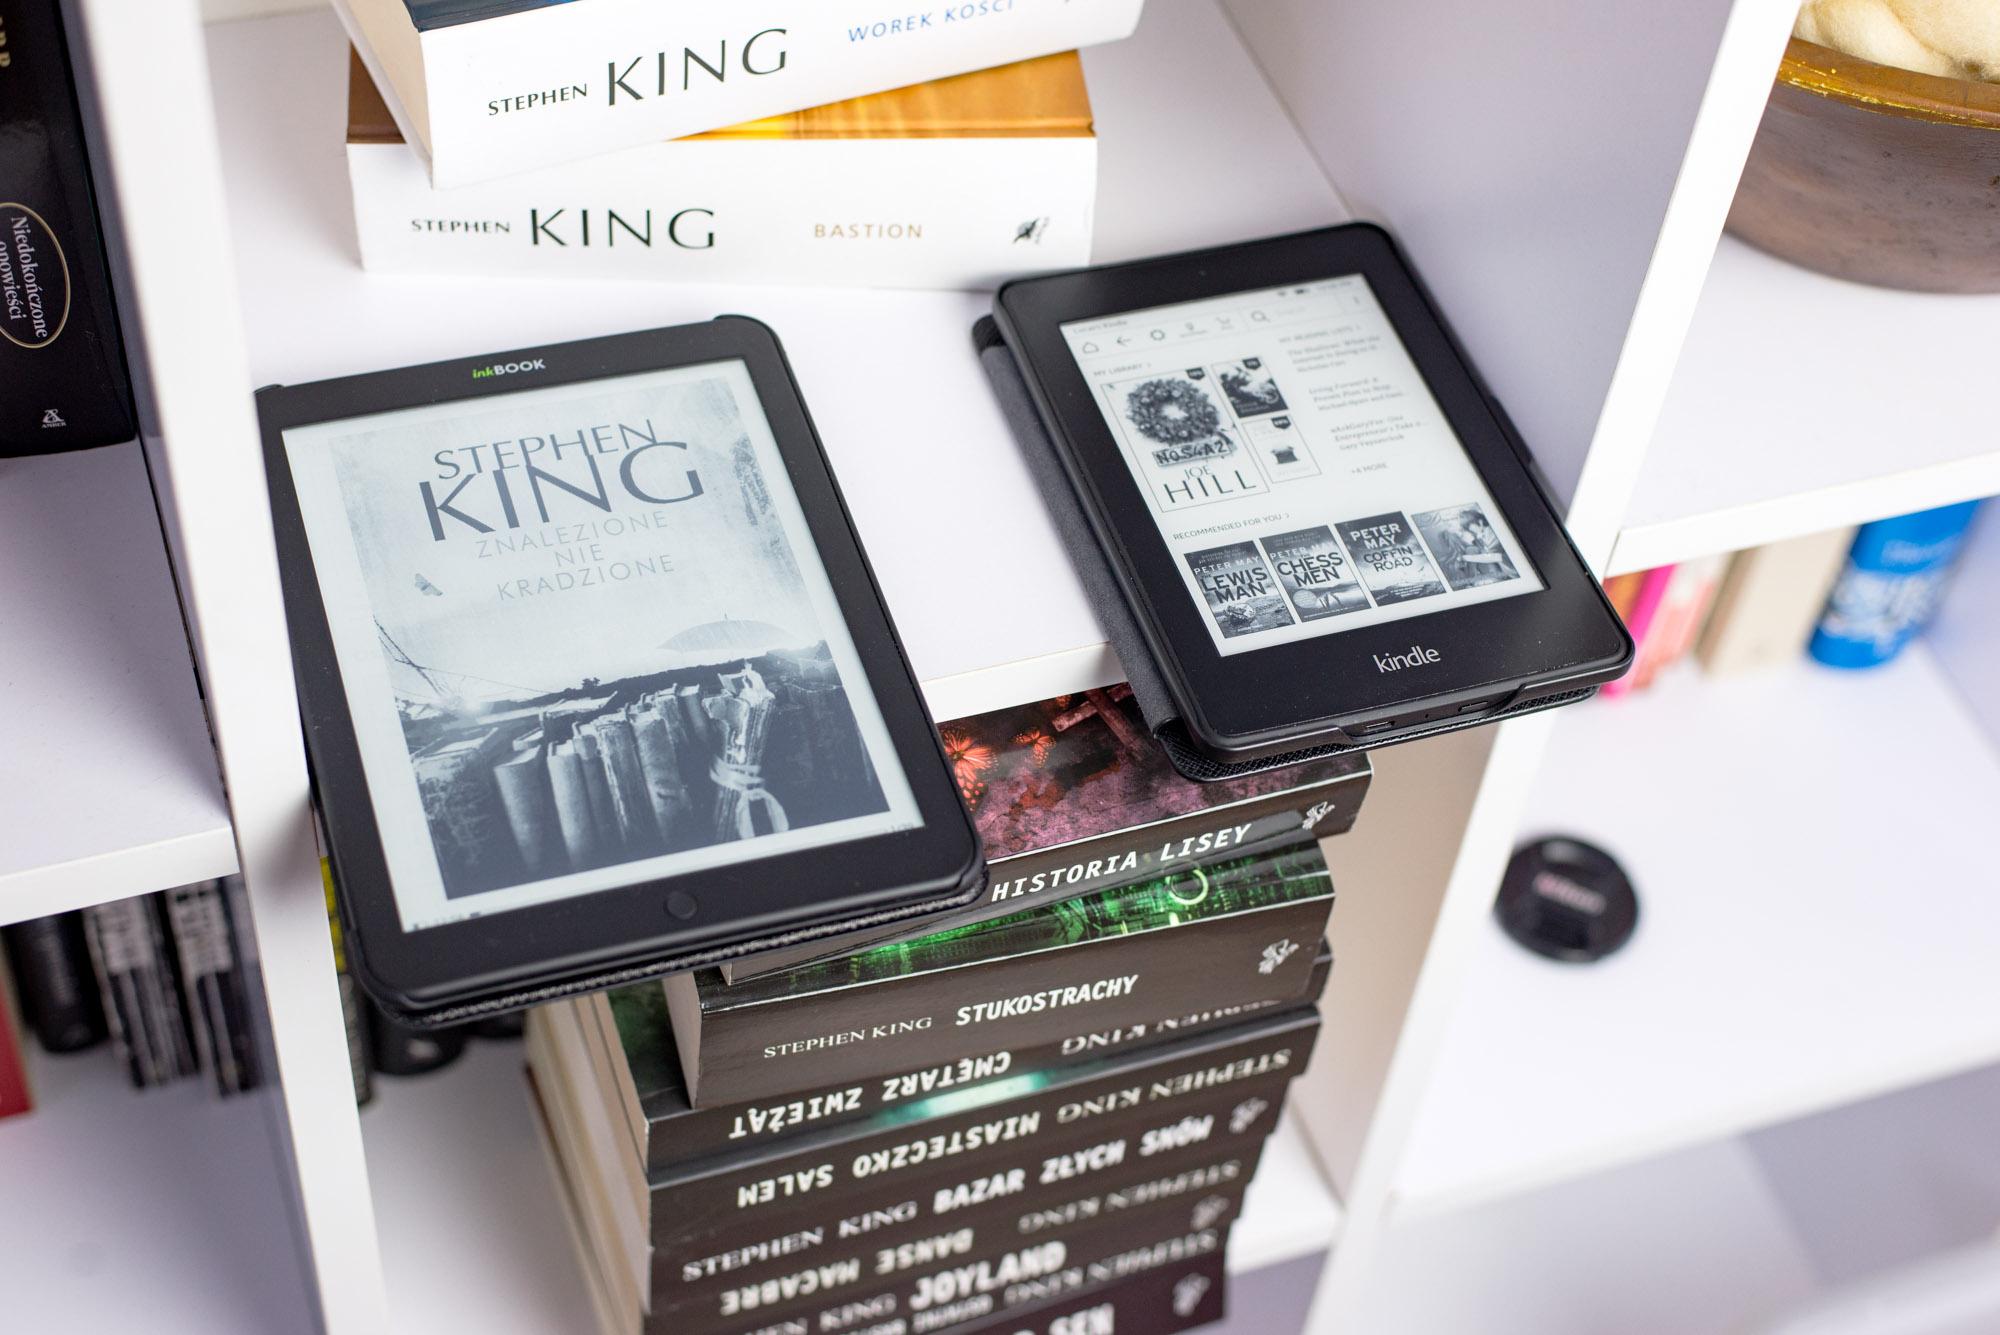 Nic dziwnego, że Polacy nie czytają e-booków. Jakość czytników to ponury żart